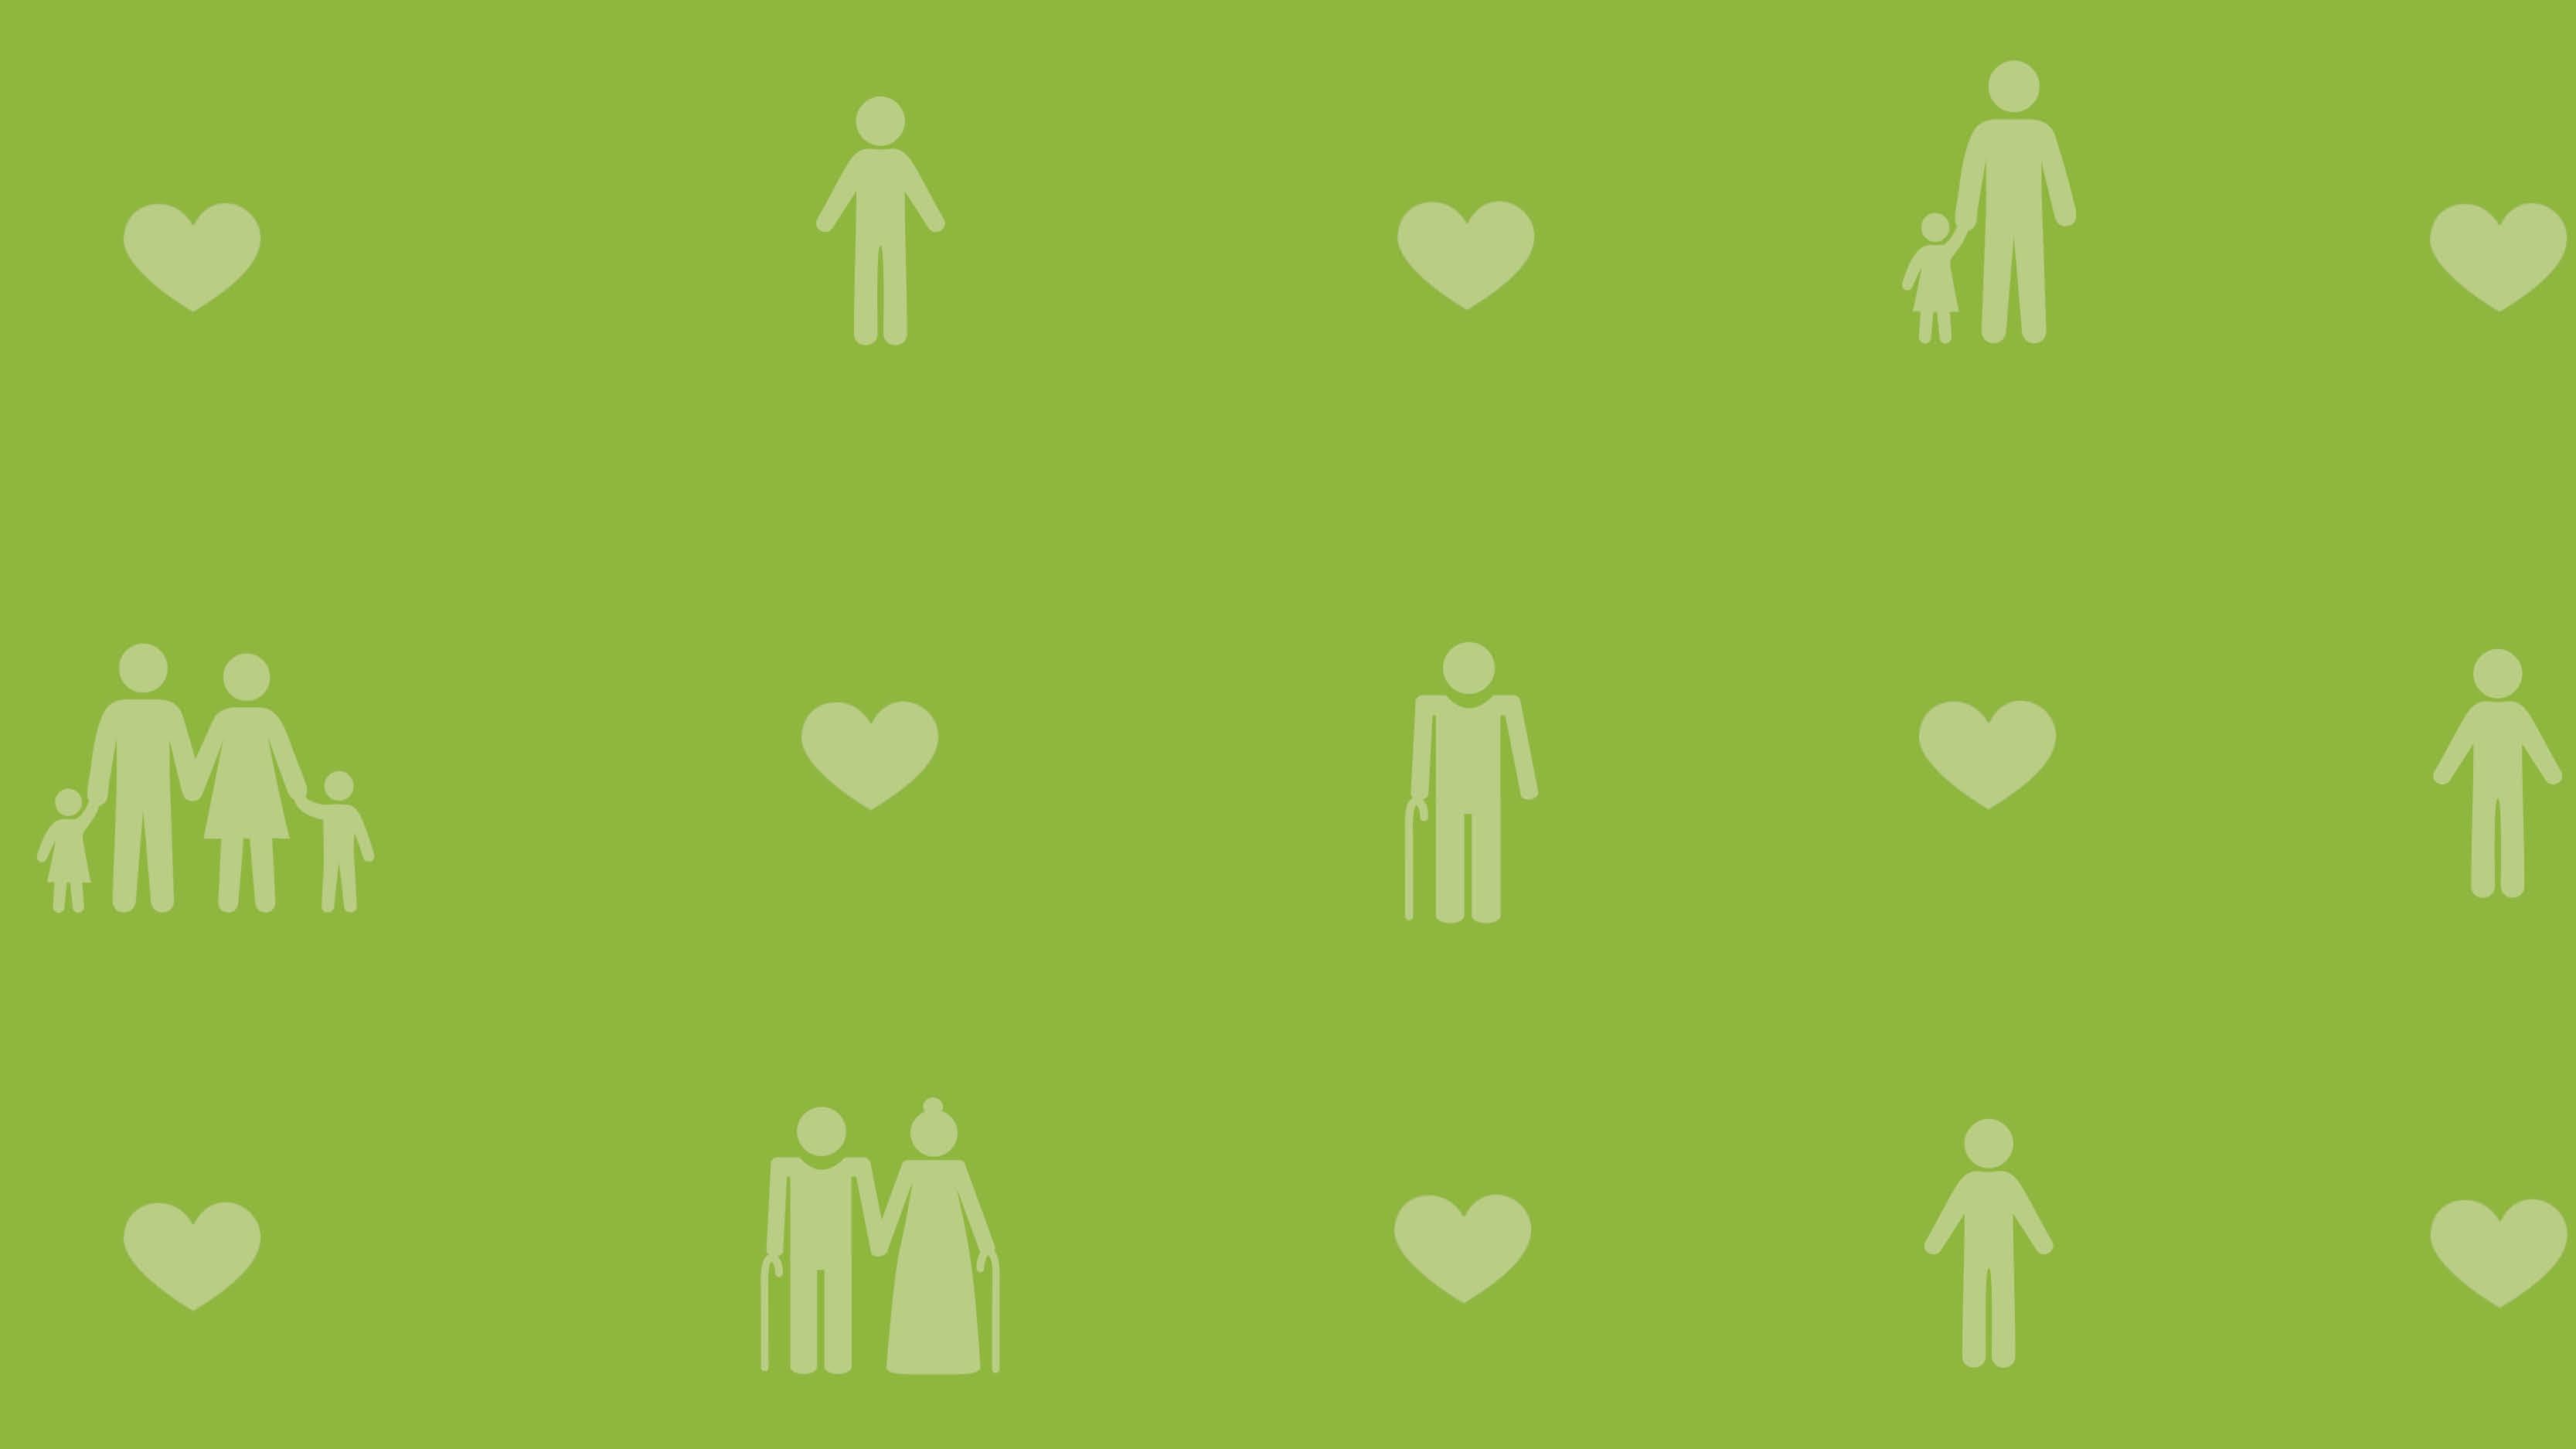 Kollage med symboler för corona på grön bakgrund.